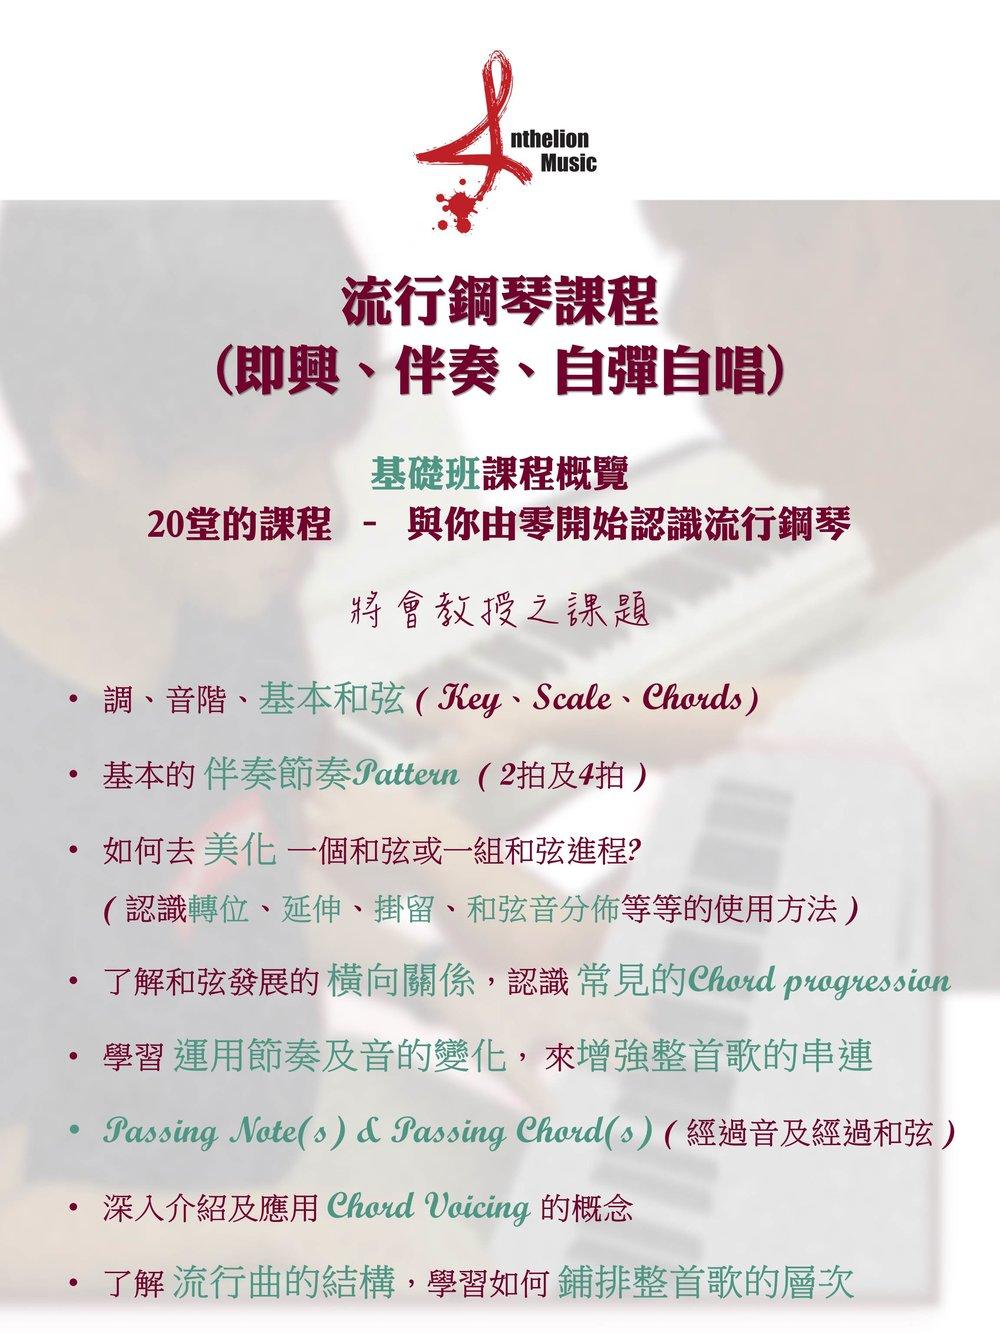 流行鋼琴 宣傳 基礎班 New on 28.7 FC.jpg